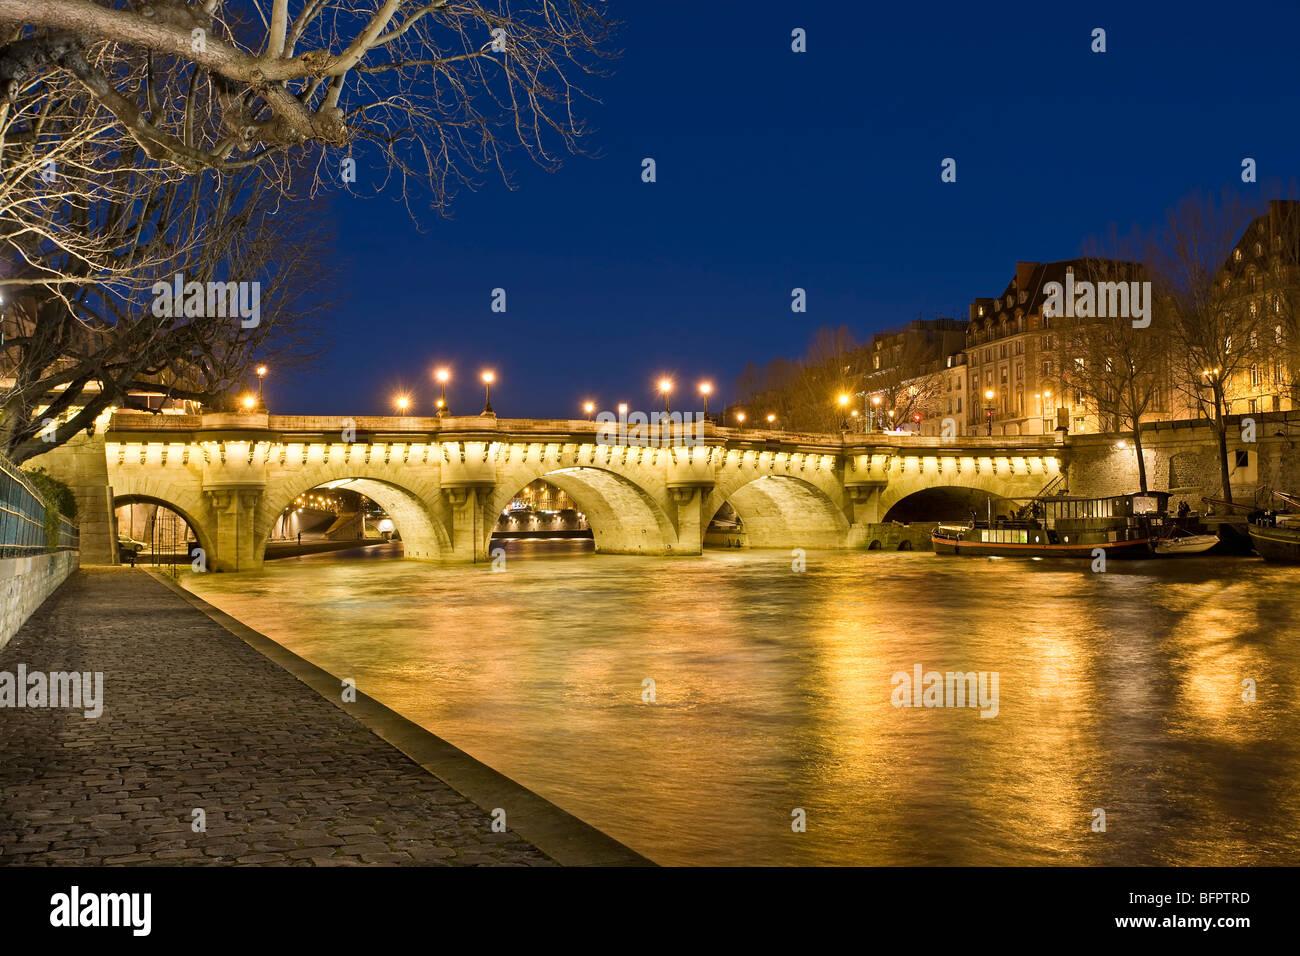 PONT NEUF AT NIGHT, PARIS - Stock Image